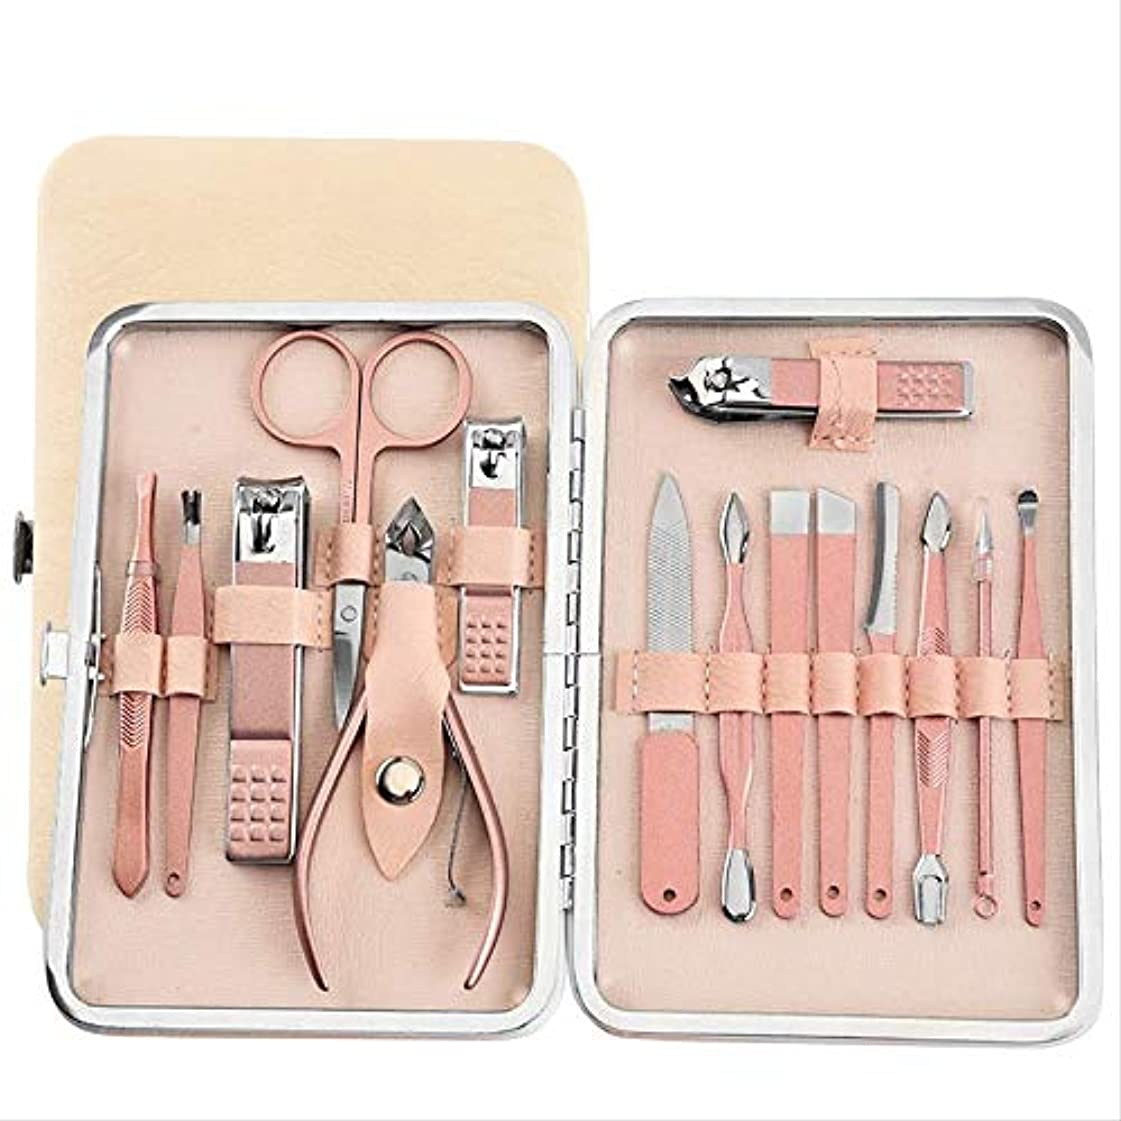 最終的に測る社員15爪はさみセット爪切りマニキュアツールセット爪美容ツール 15個